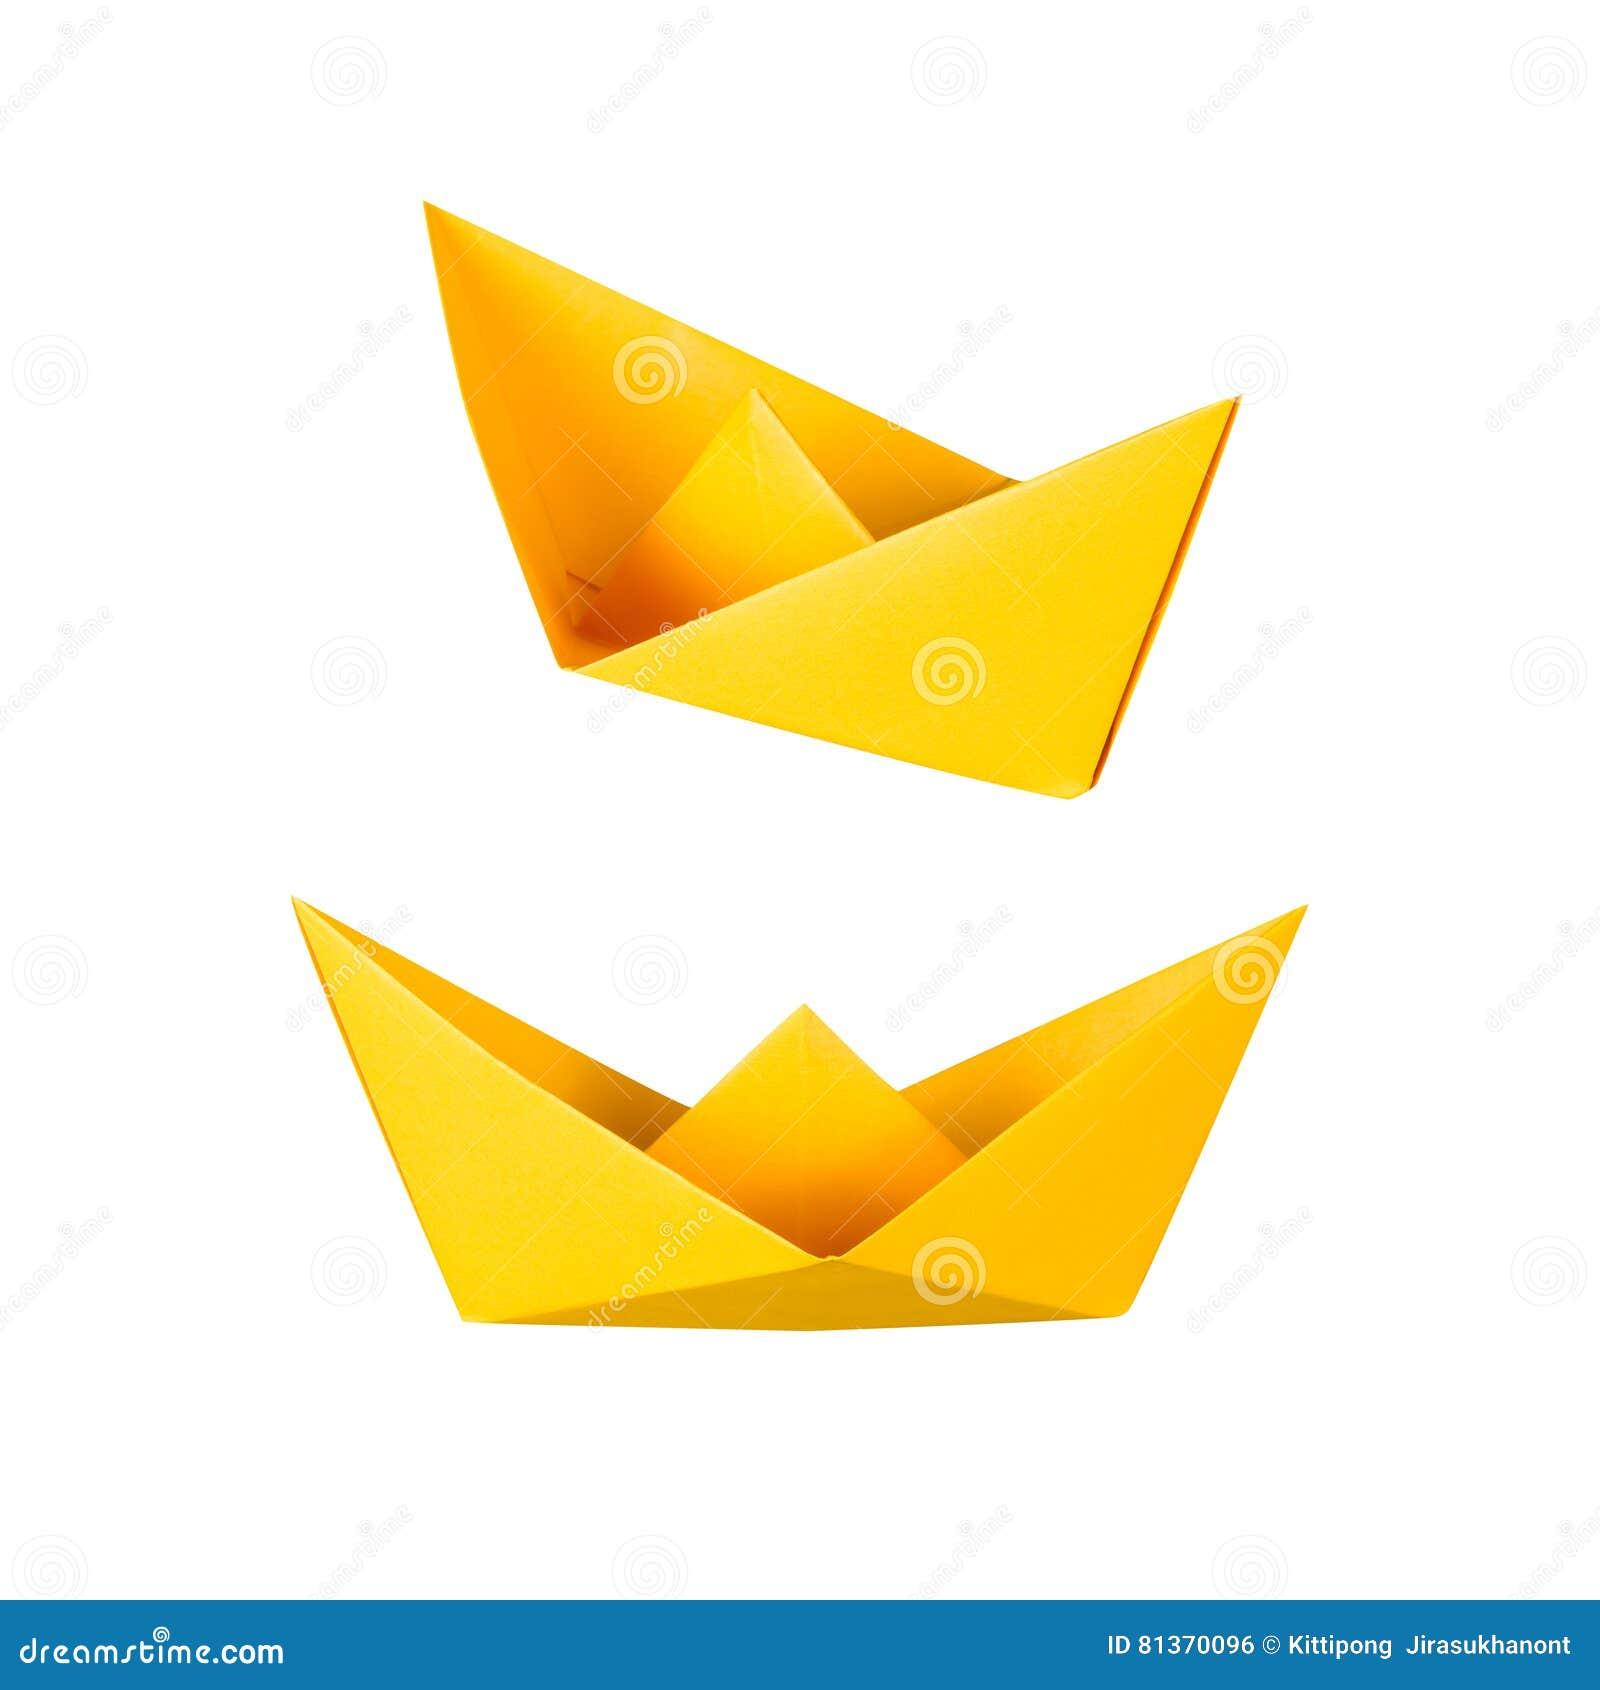 Origami barca o crogiolo di carta